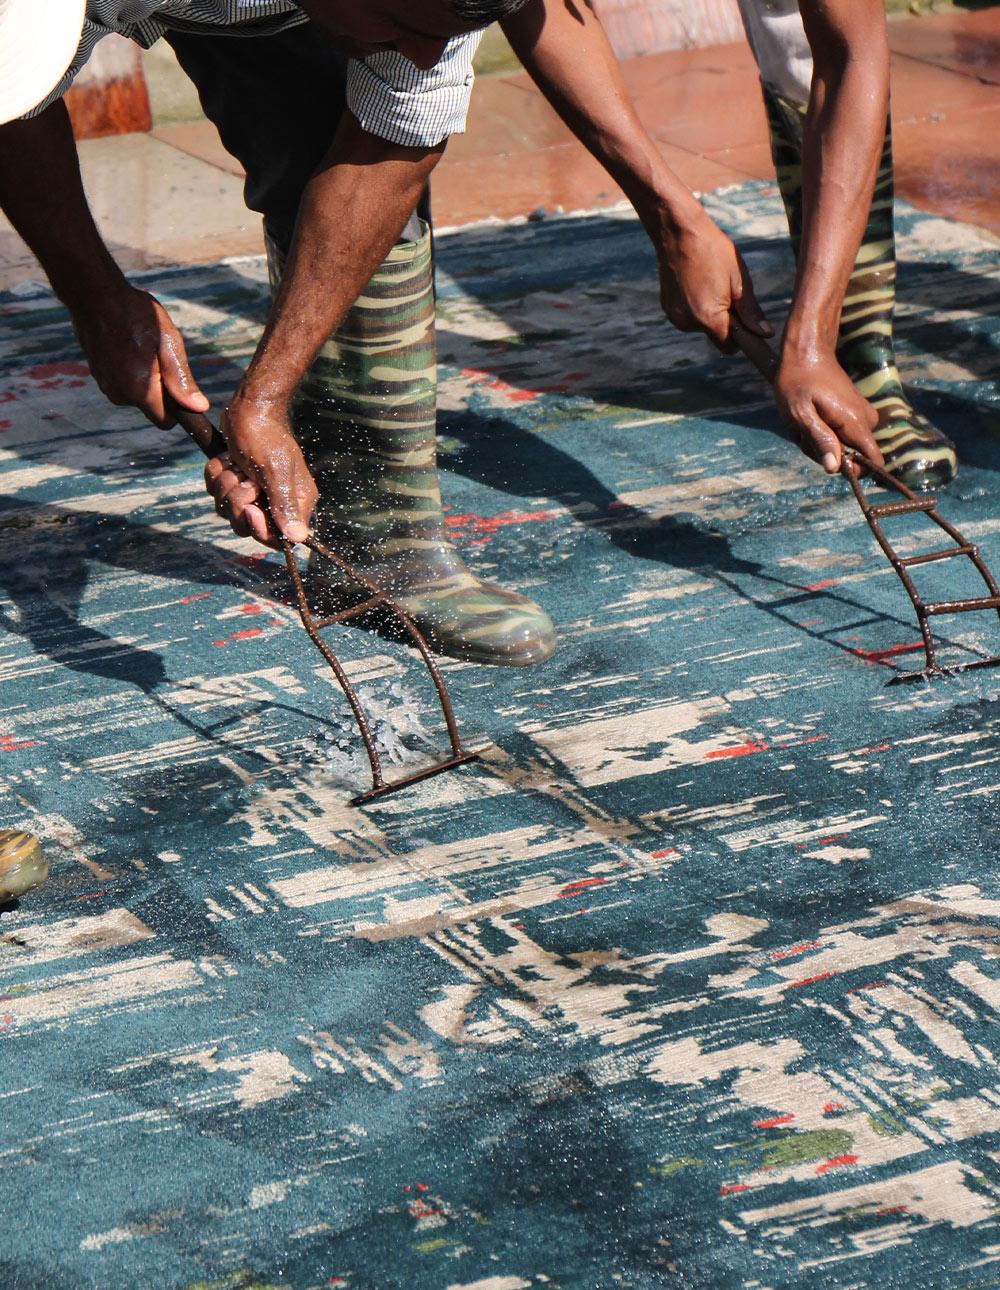 washing rugs